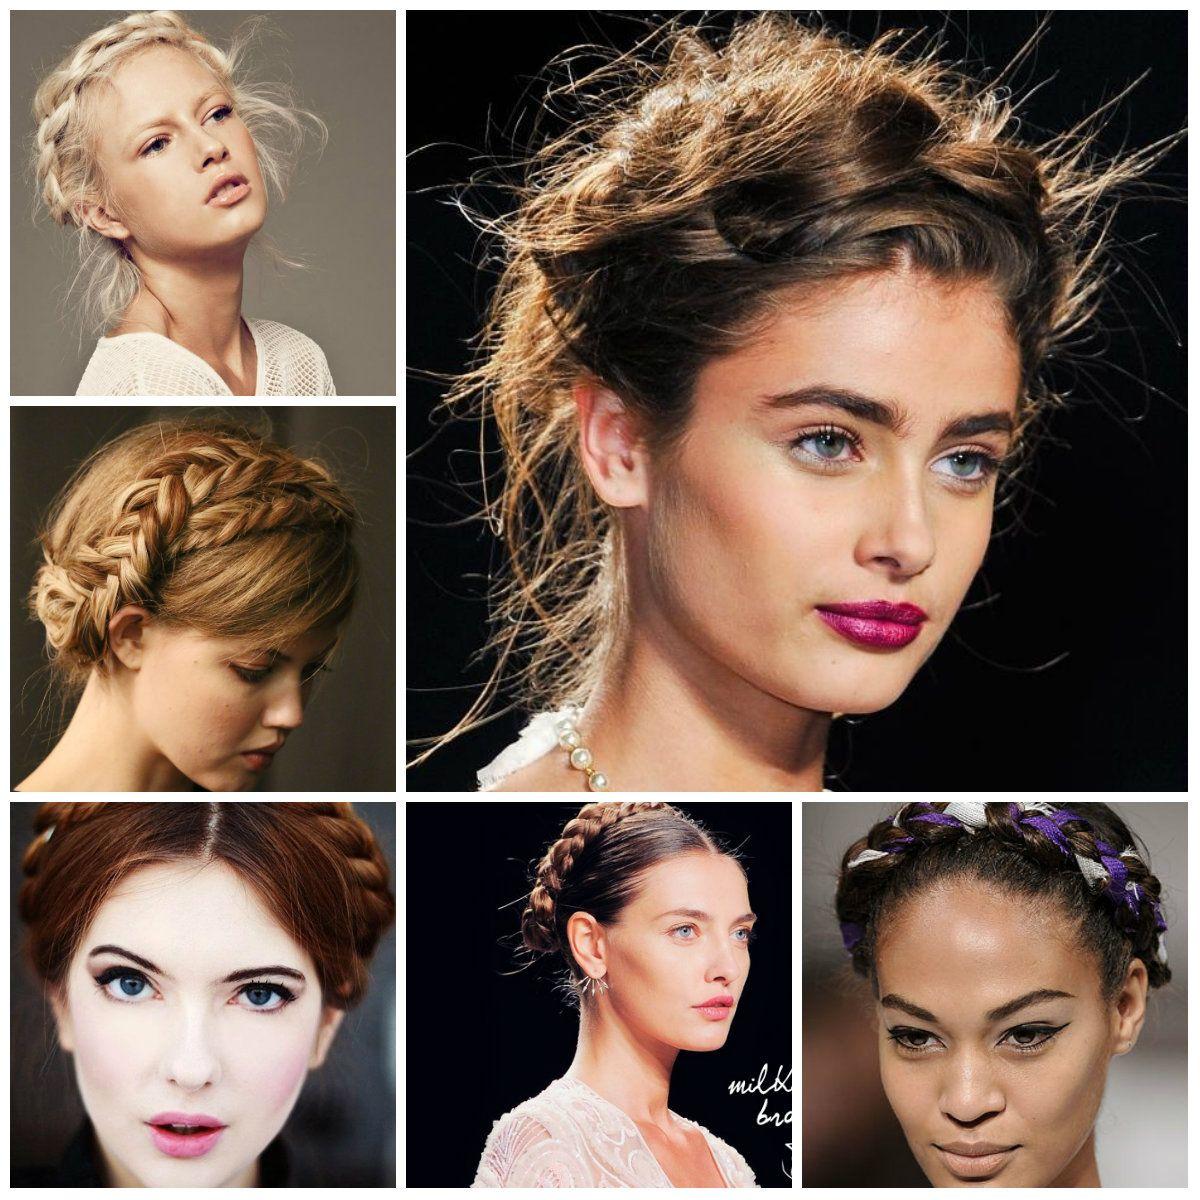 Milkmaid Braids Hairstyles from Runway | Trendy Hairstyles ...